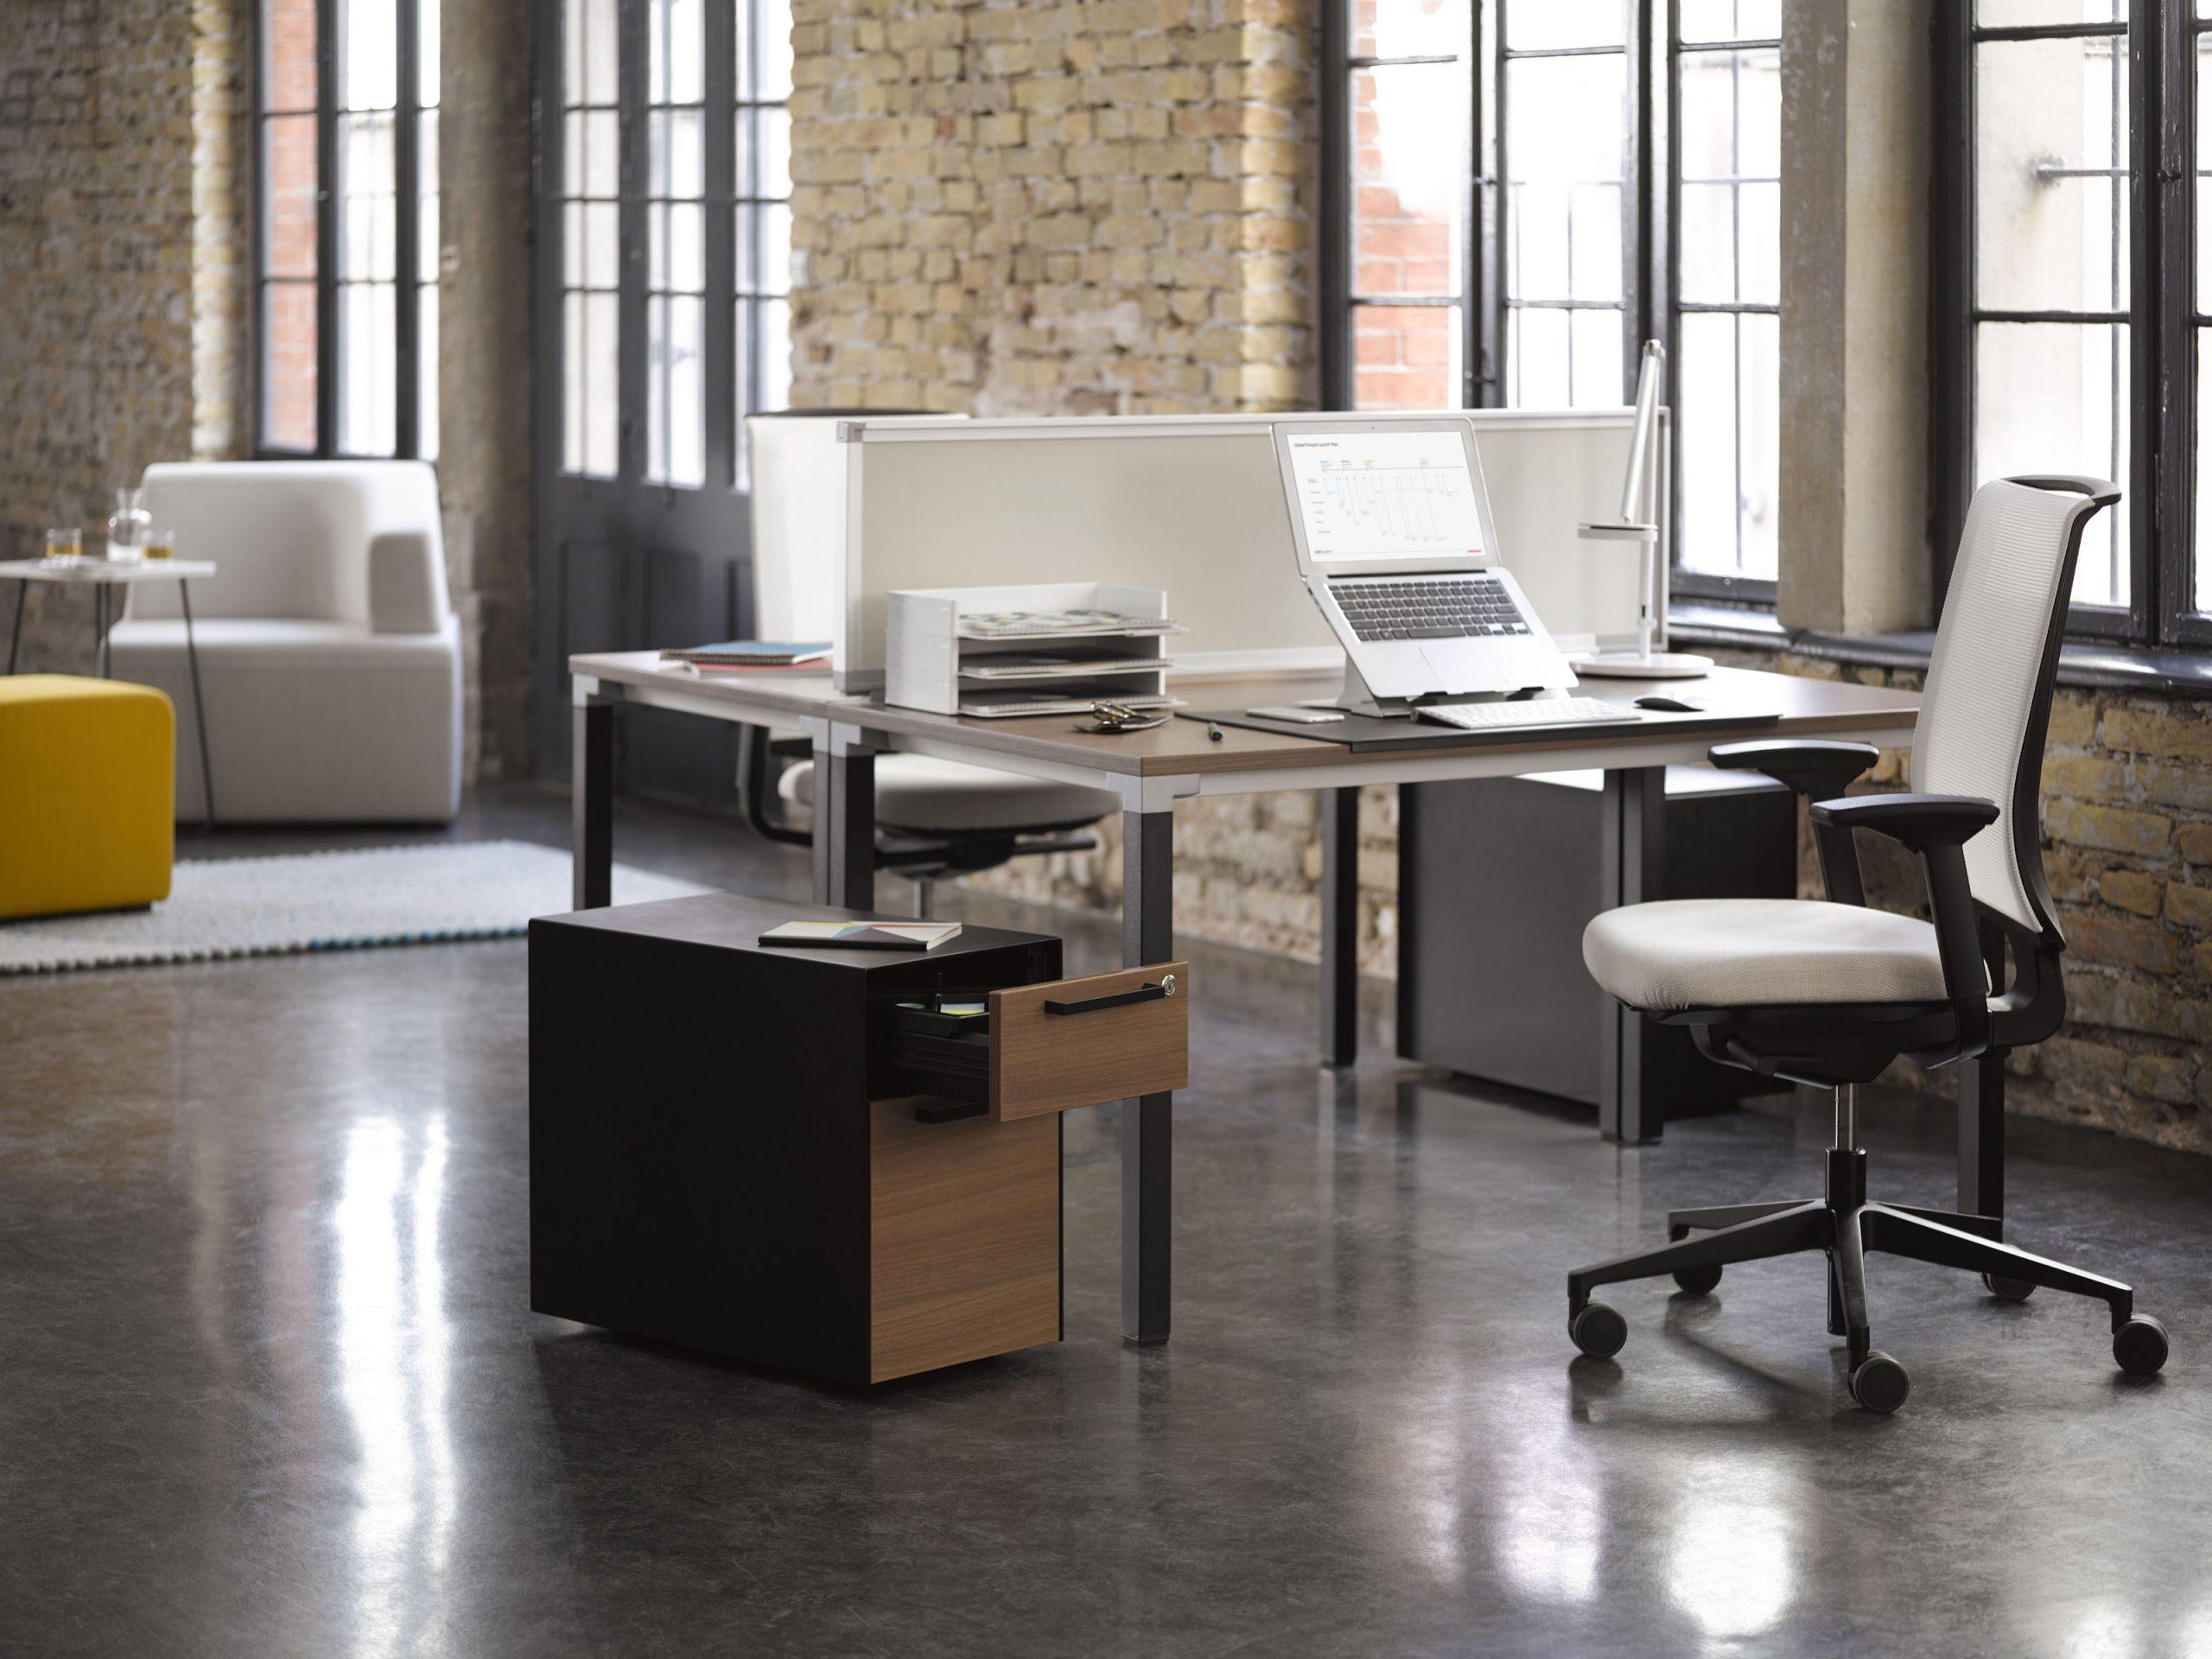 Cadira Reply cadires d'escriptori ergonomiques